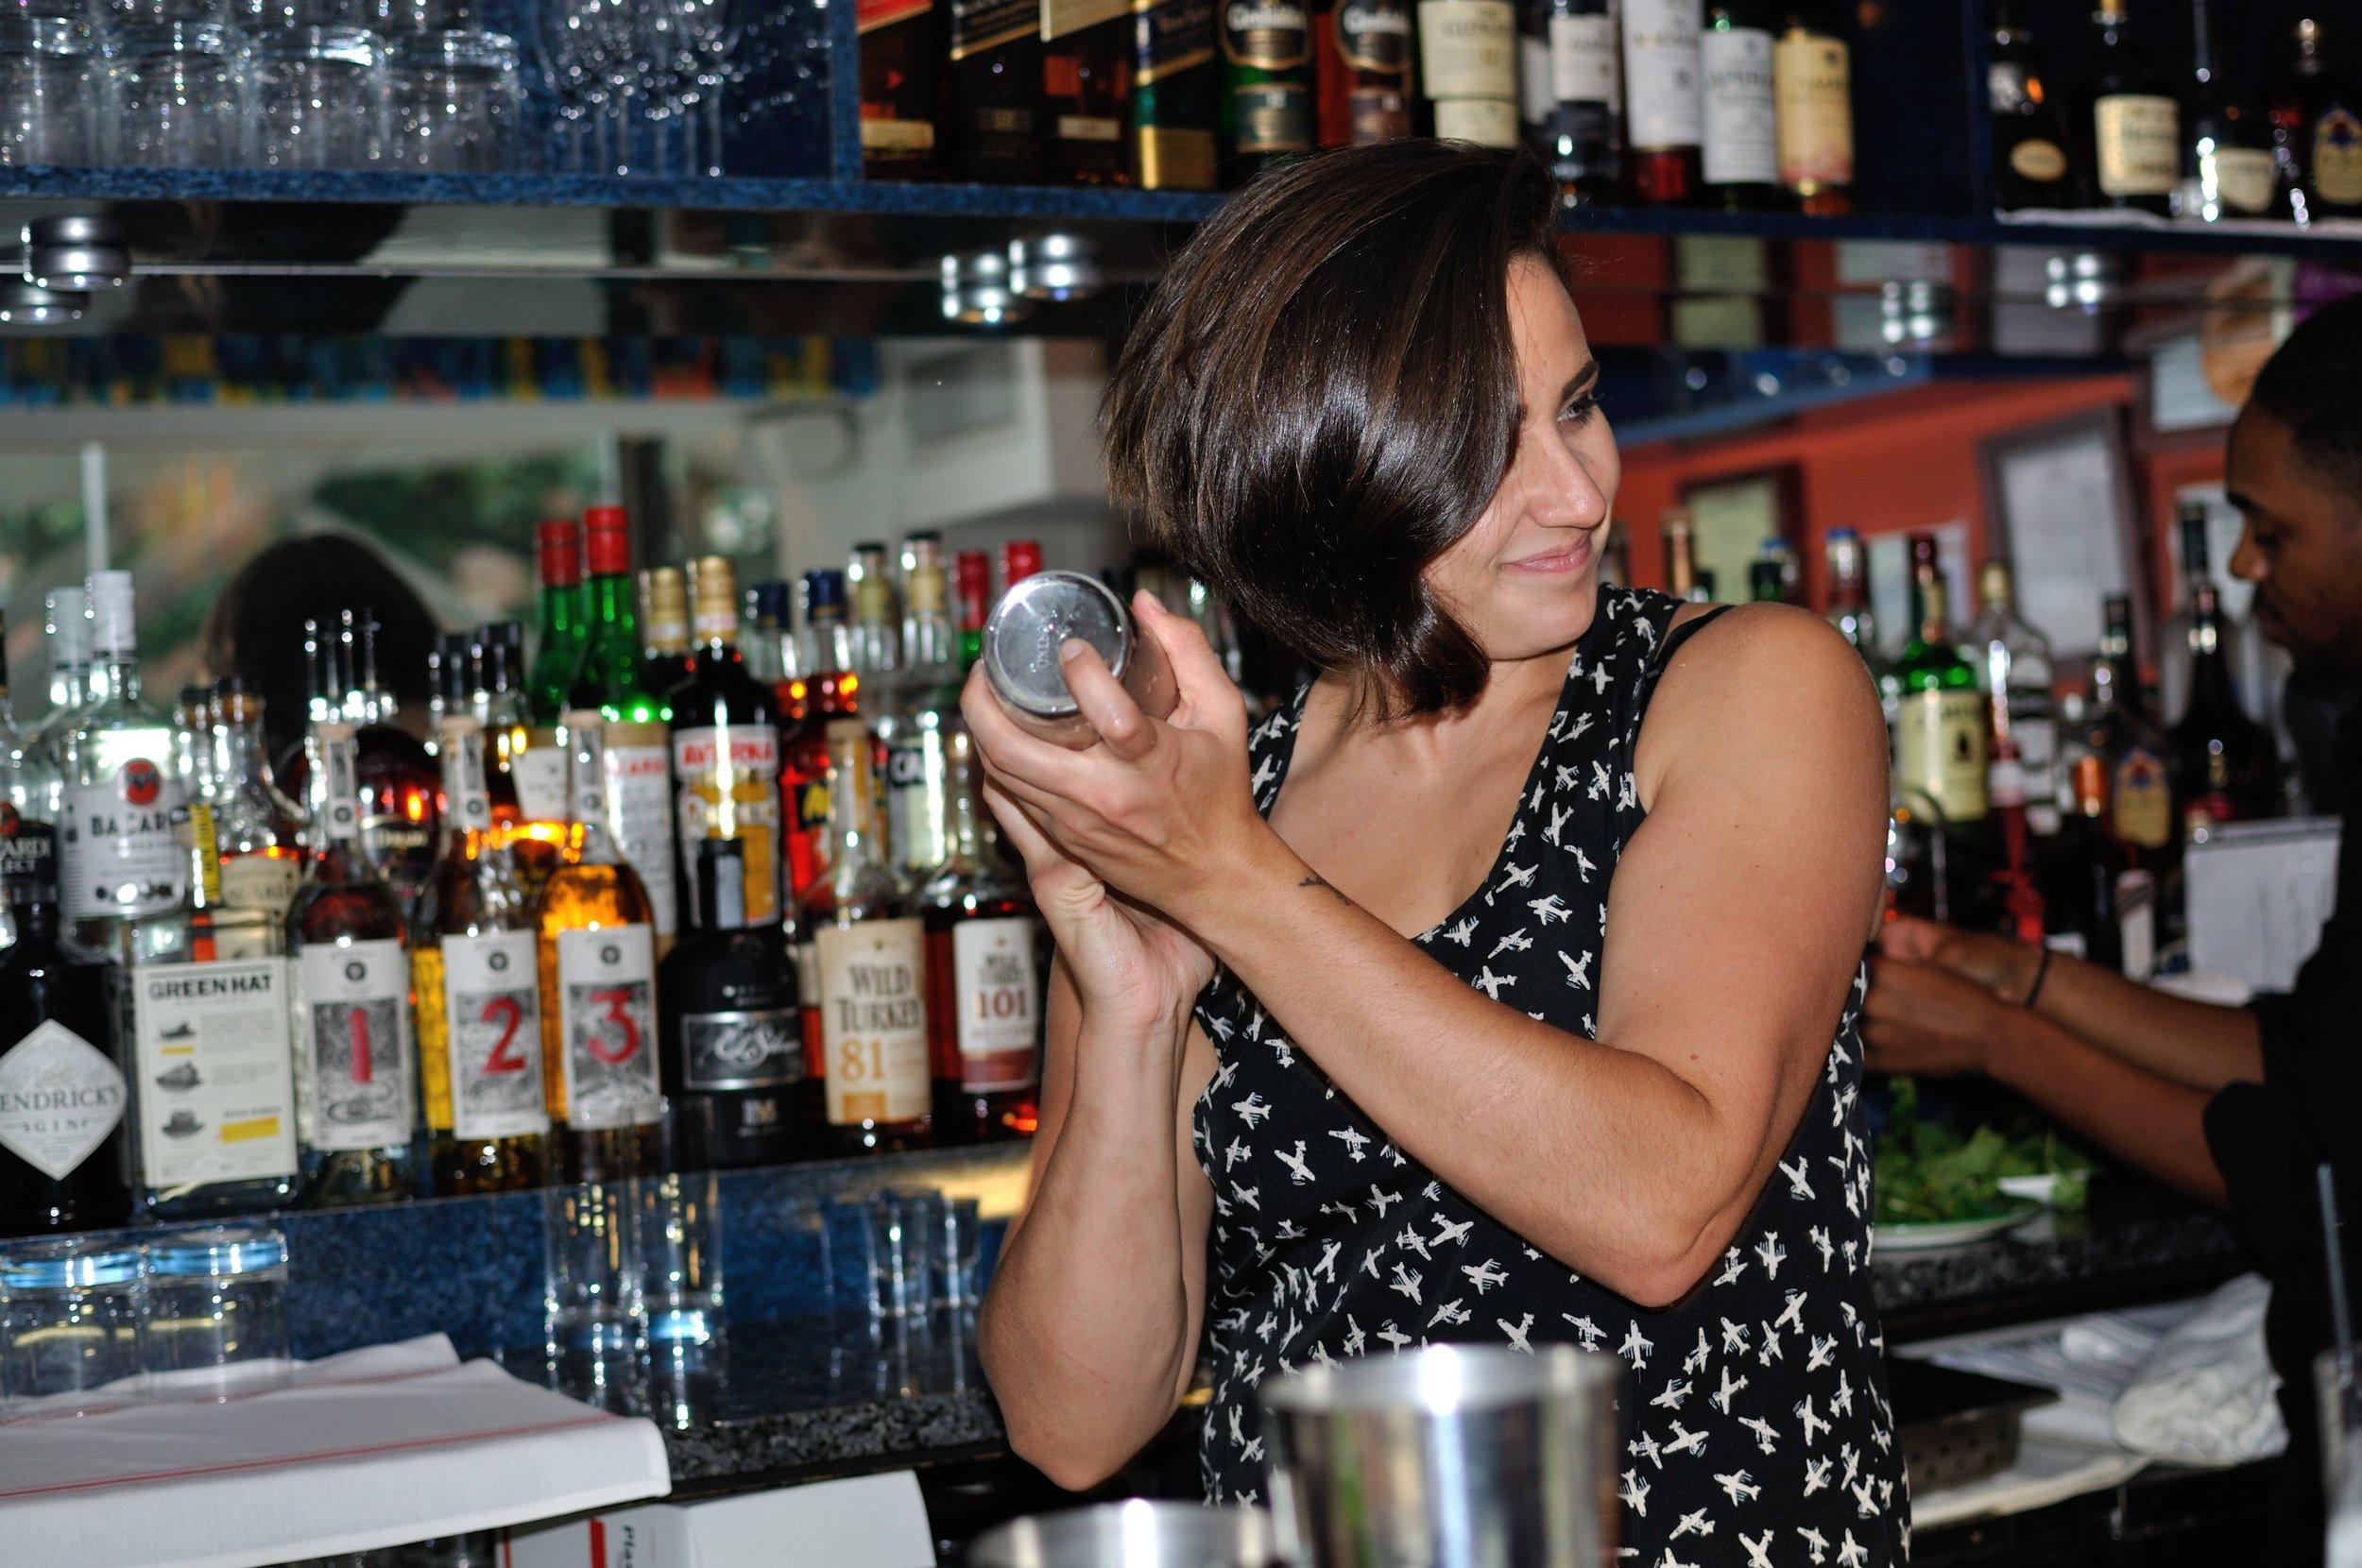 Cocktail whiz Carlie Steiner